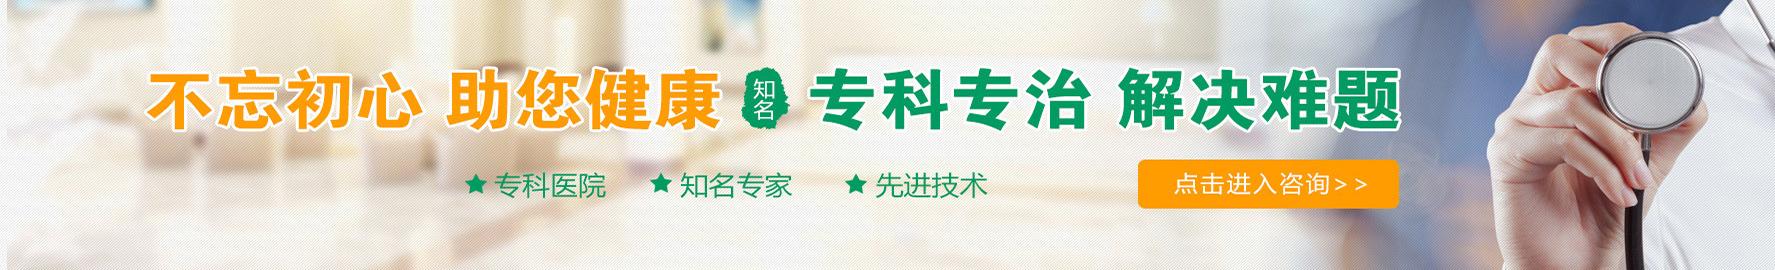 许昌男科医院